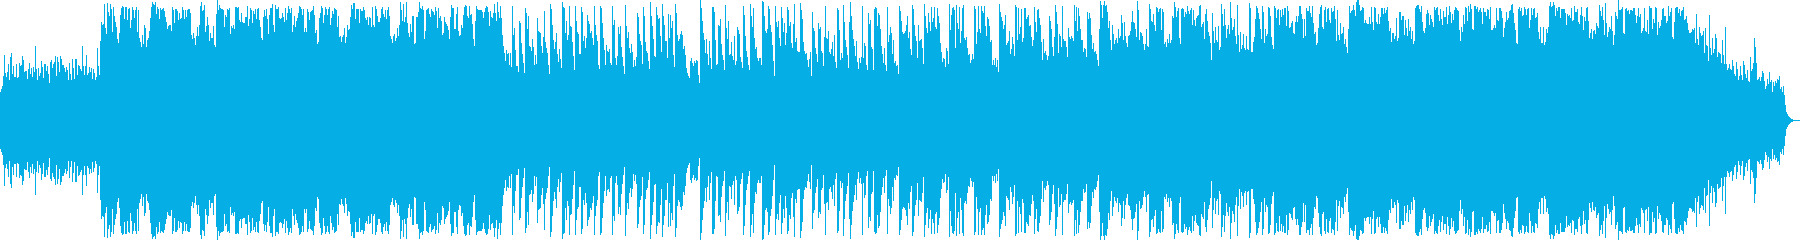 切ないシンセサイザー系サウンドの再生済みの波形